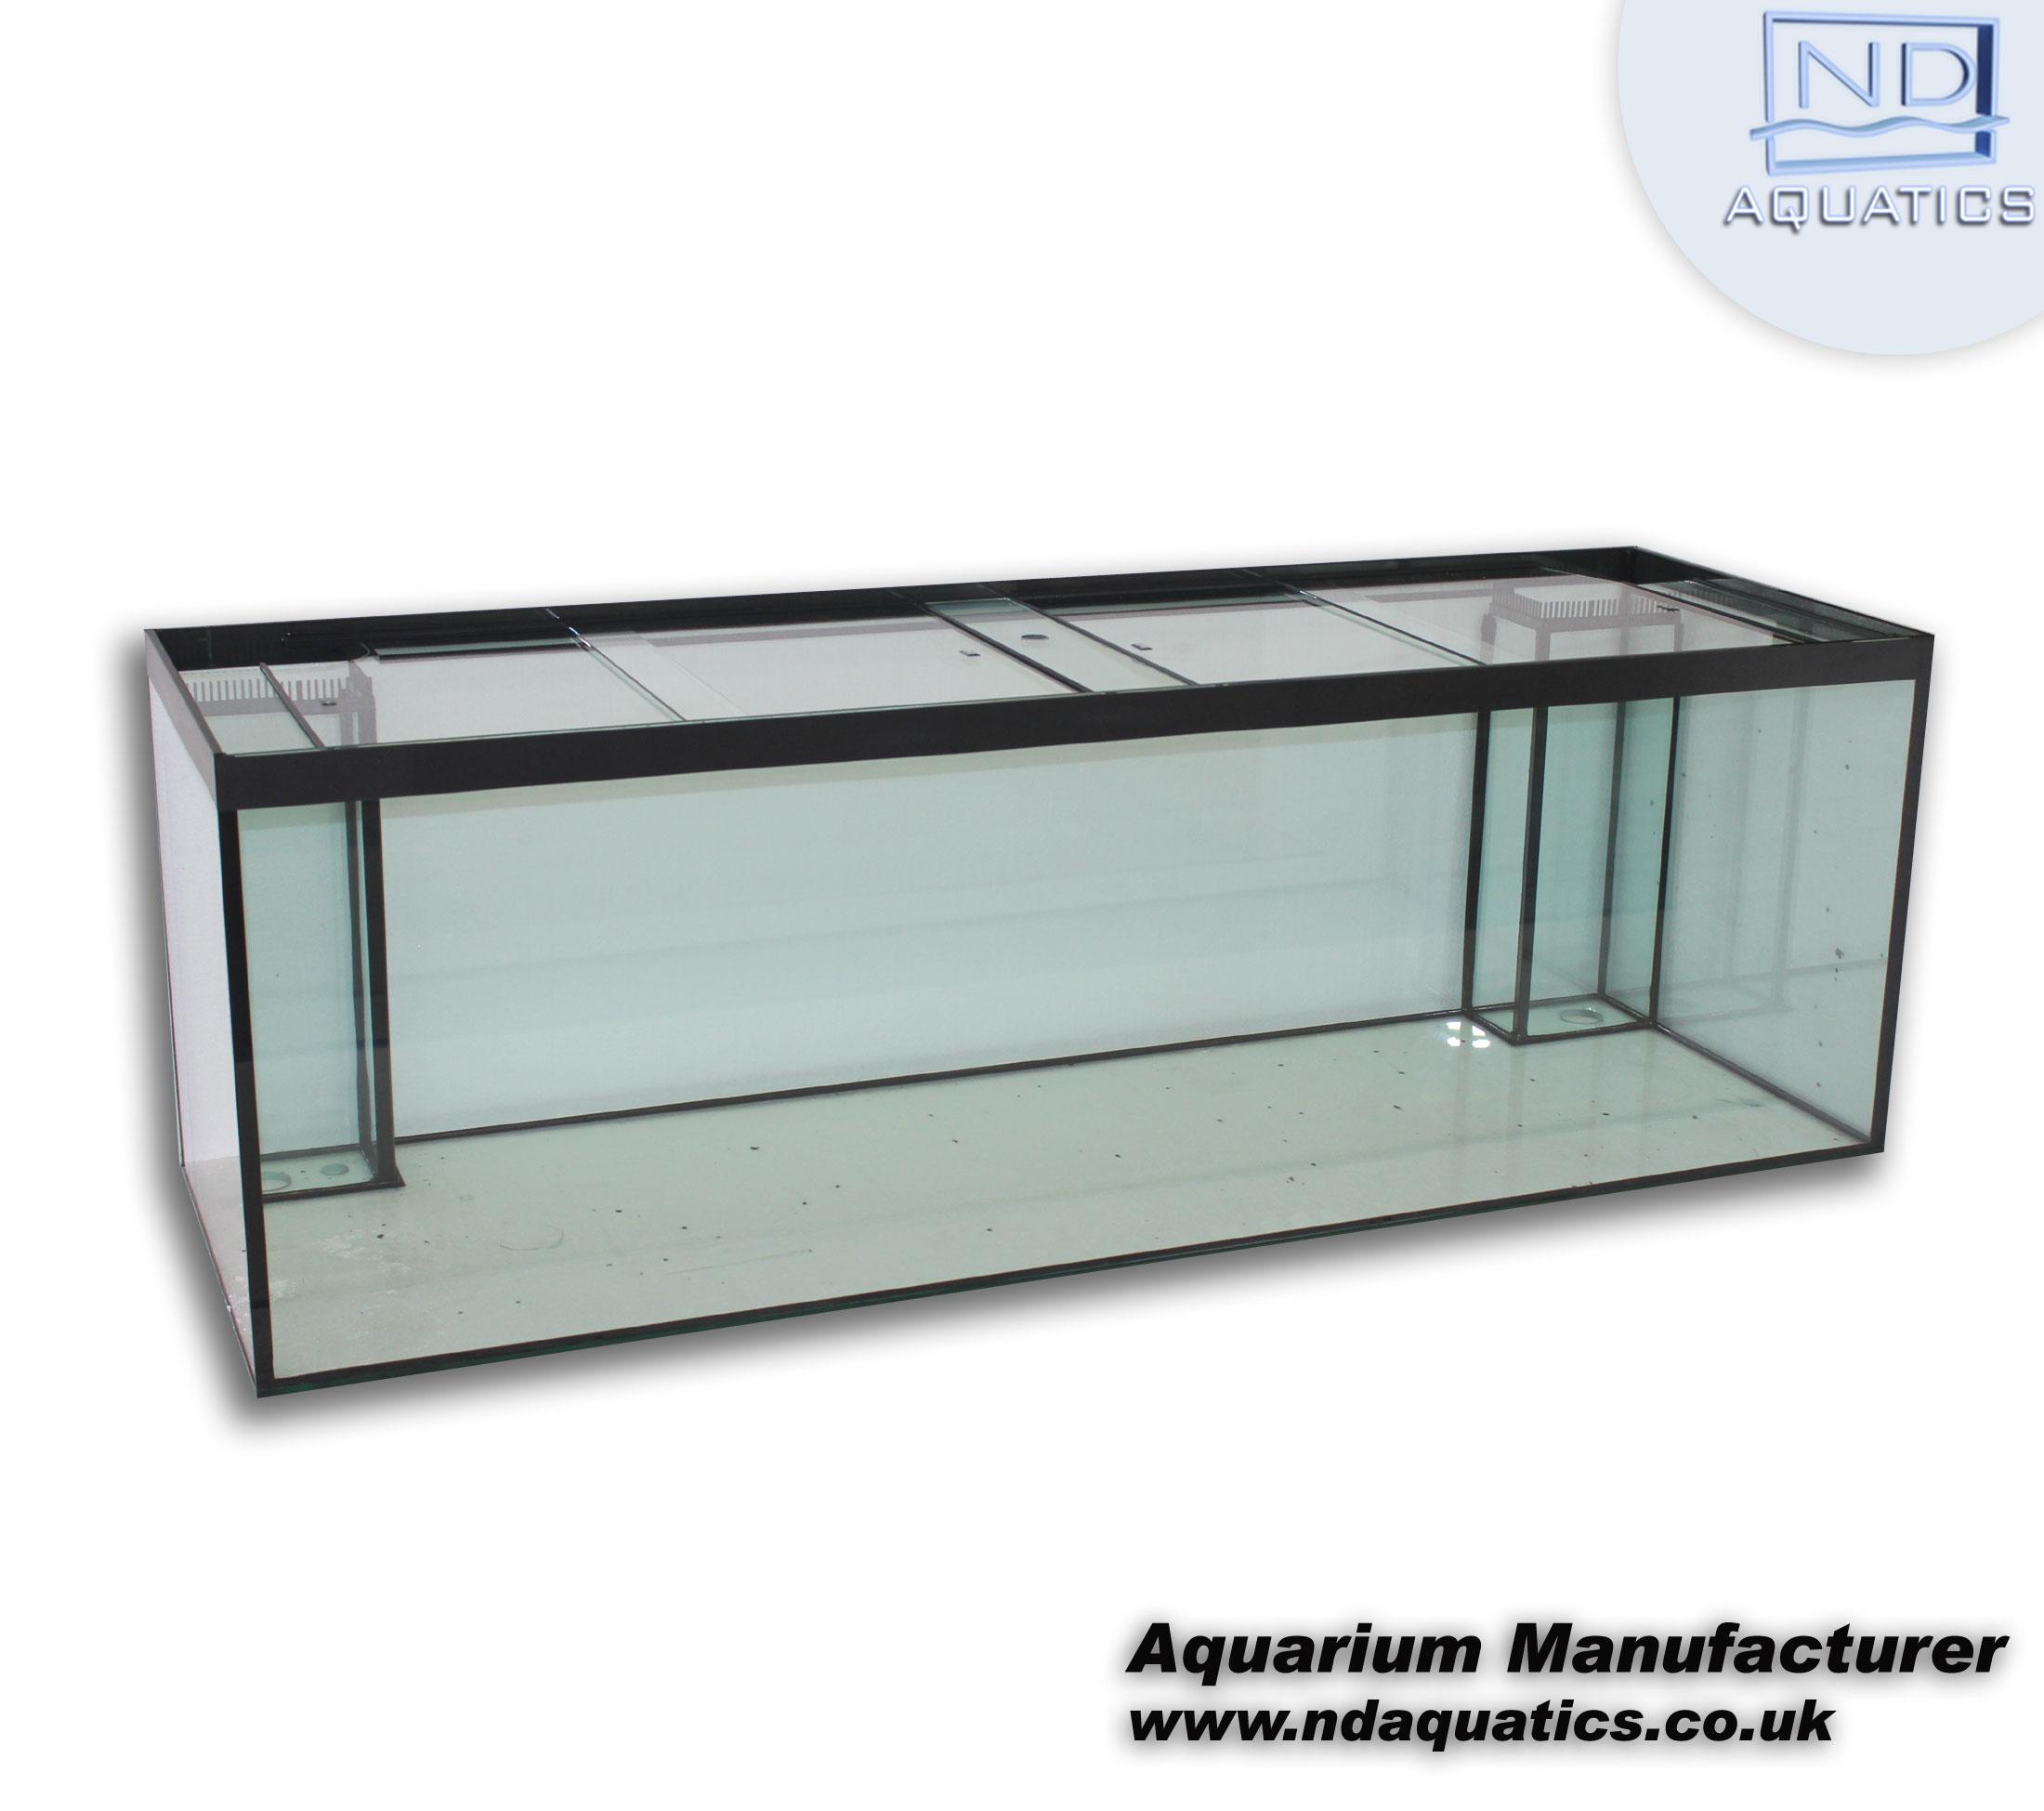 72 x 24 x 24 marine all glass tank aquarium manufacturers